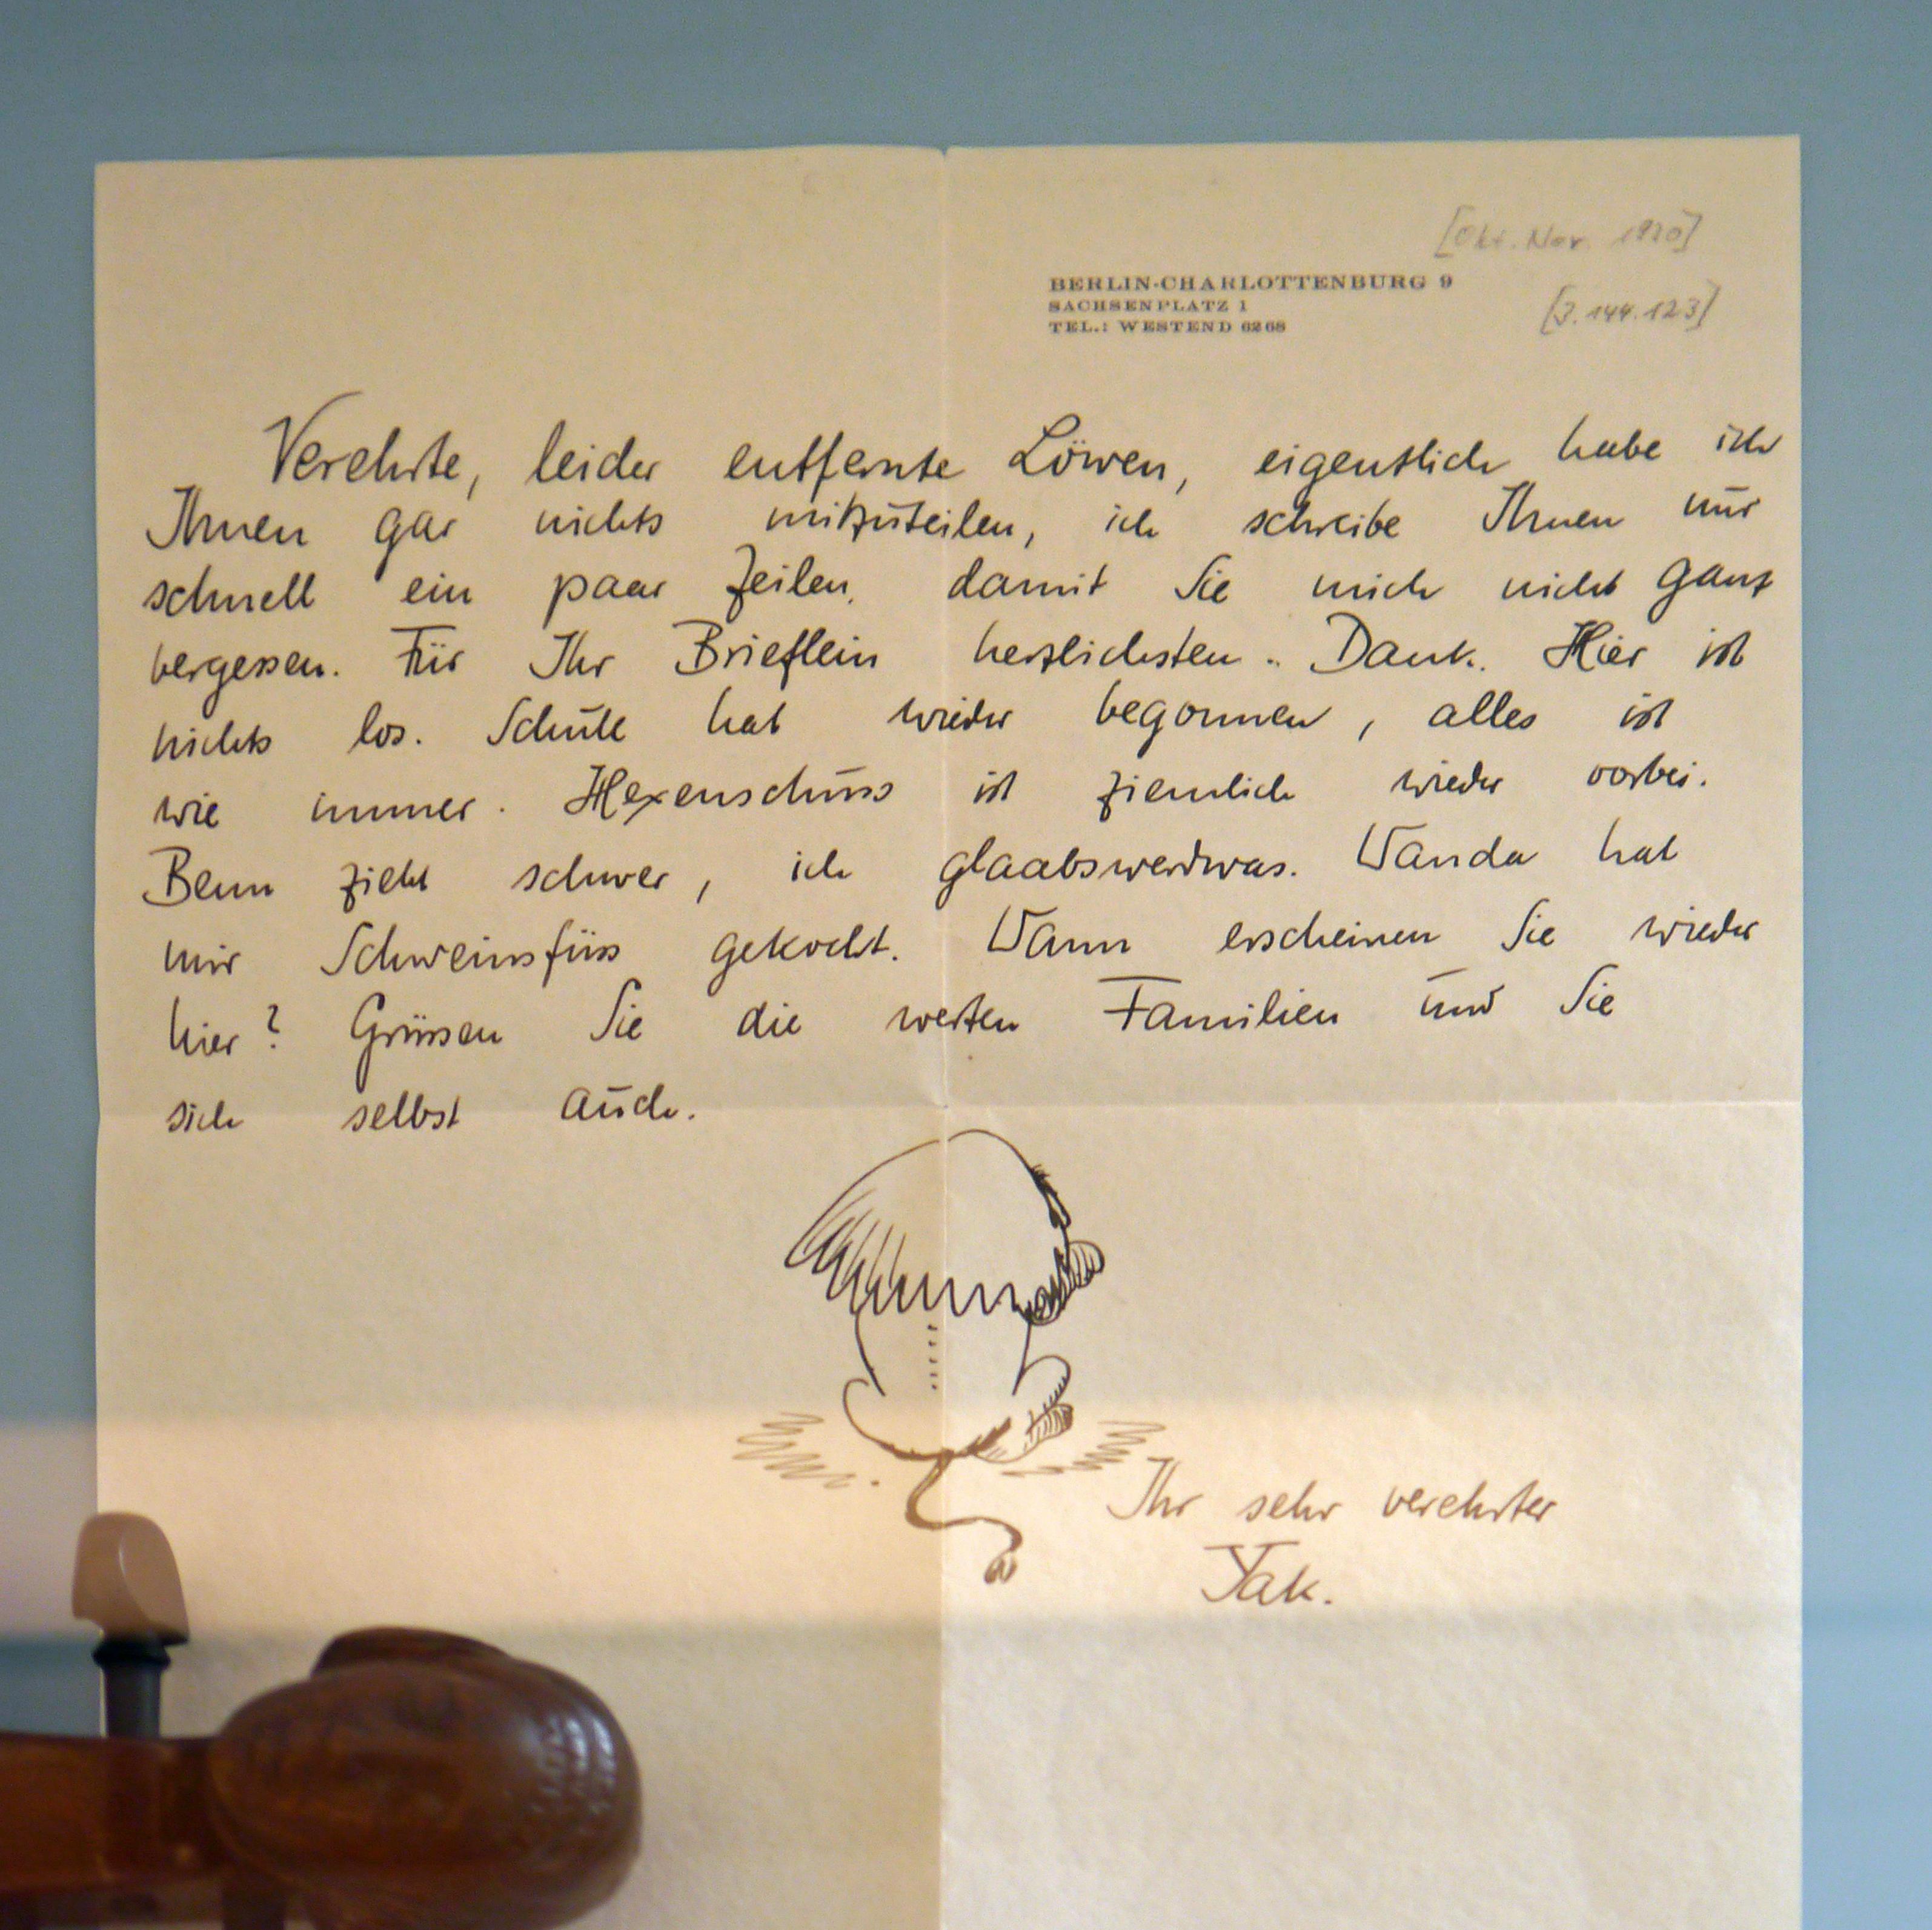 Dateipaul Hindemith Brief Im Kuhhirtenturm 2017 Ffm Sachsenhausen